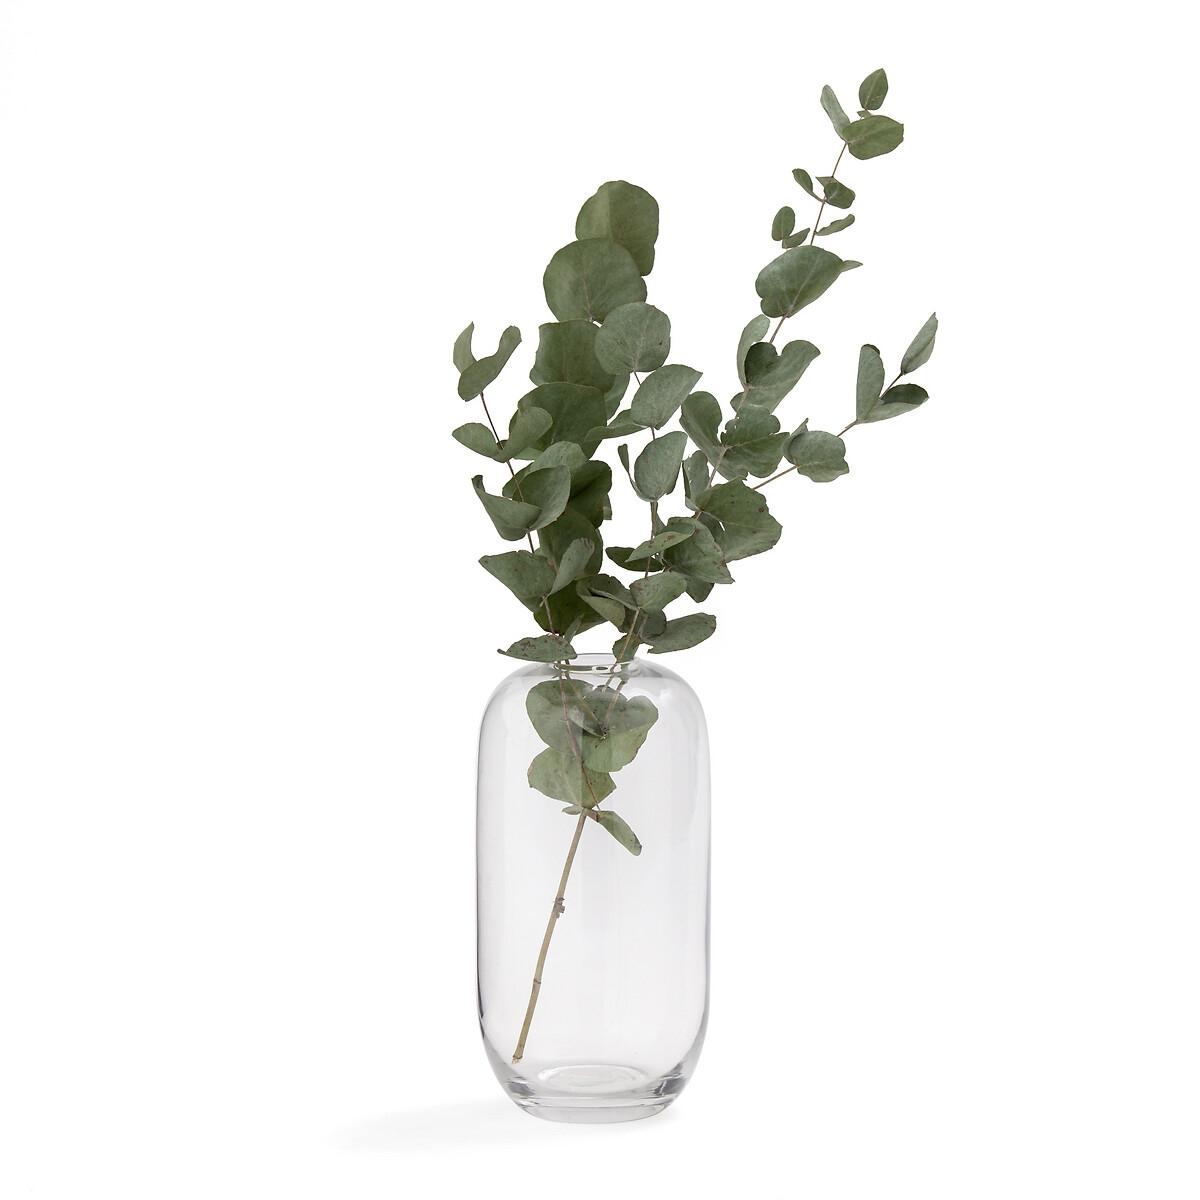 Ваза LaRedoute Из стекла В24 см Tamagni единый размер другие ваза la redoute из стекла с обсыпкой выс см callipe единый размер серый